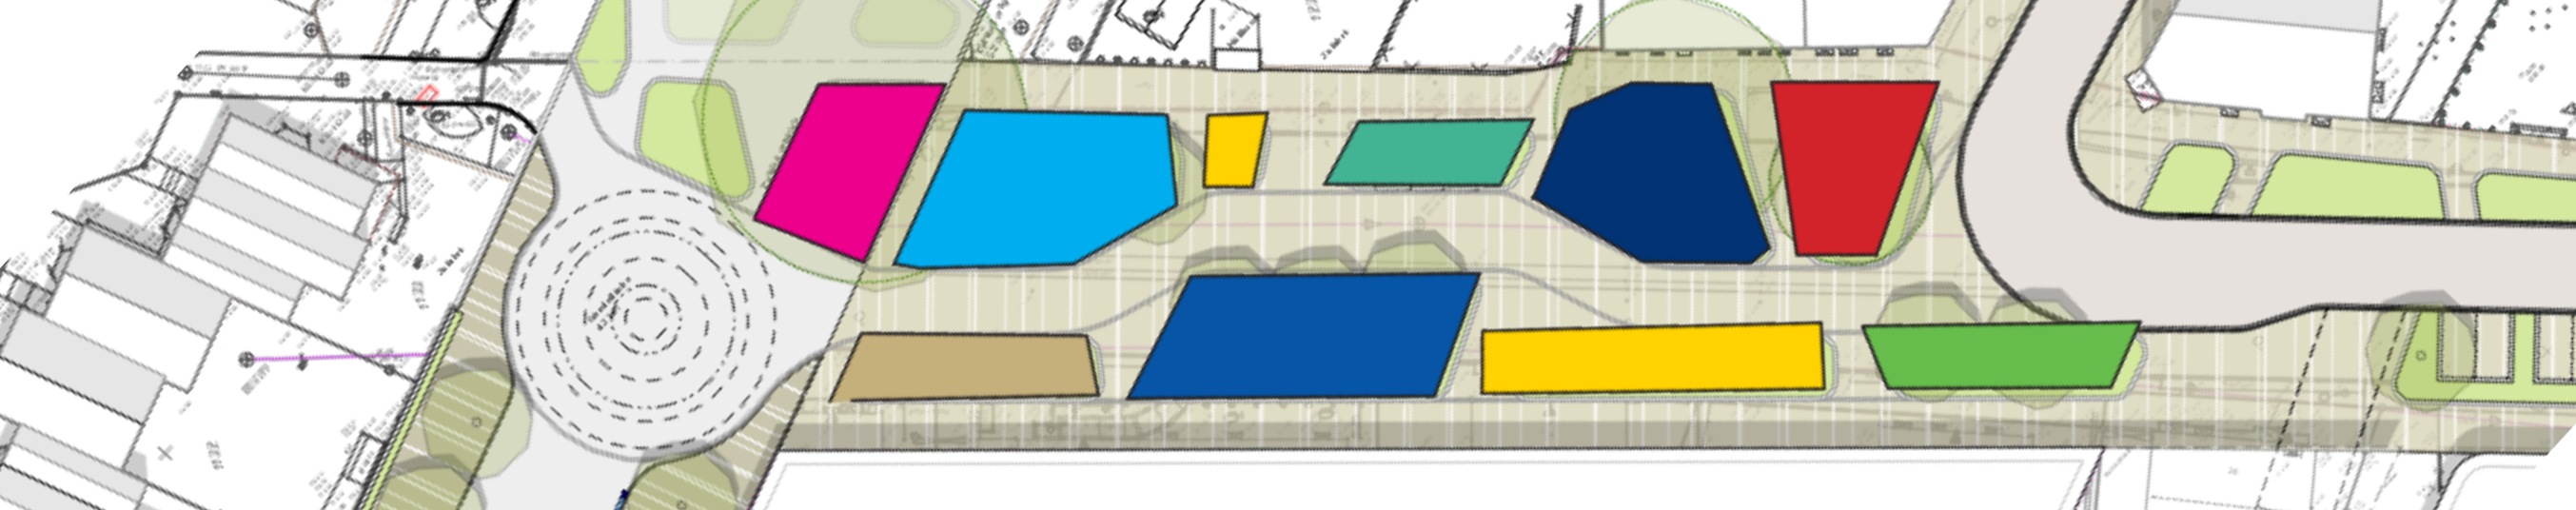 Gestaltungswerkstatt Quartiersachse